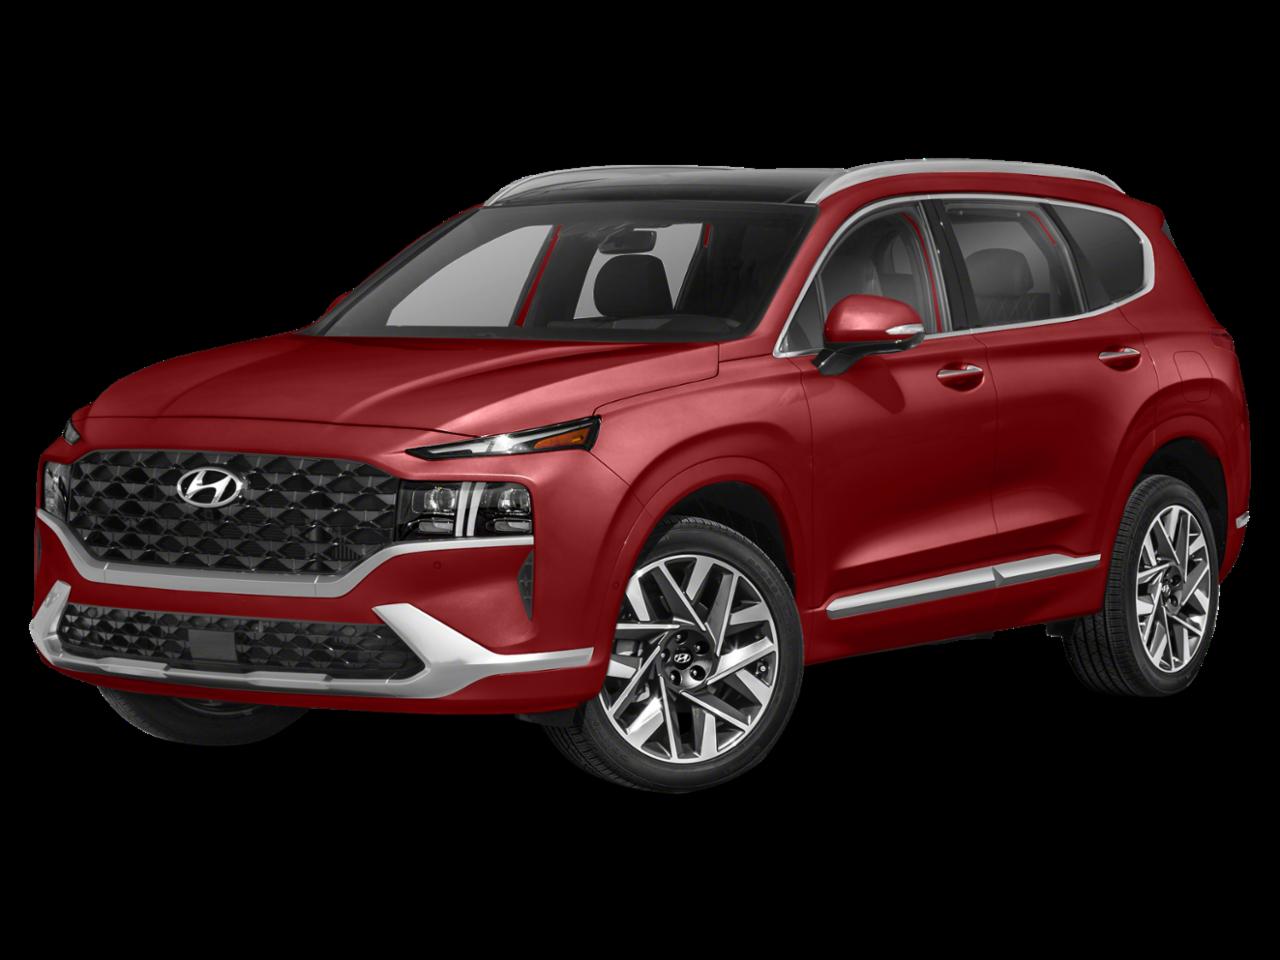 Hyundai 2022 Santa Fe Limited